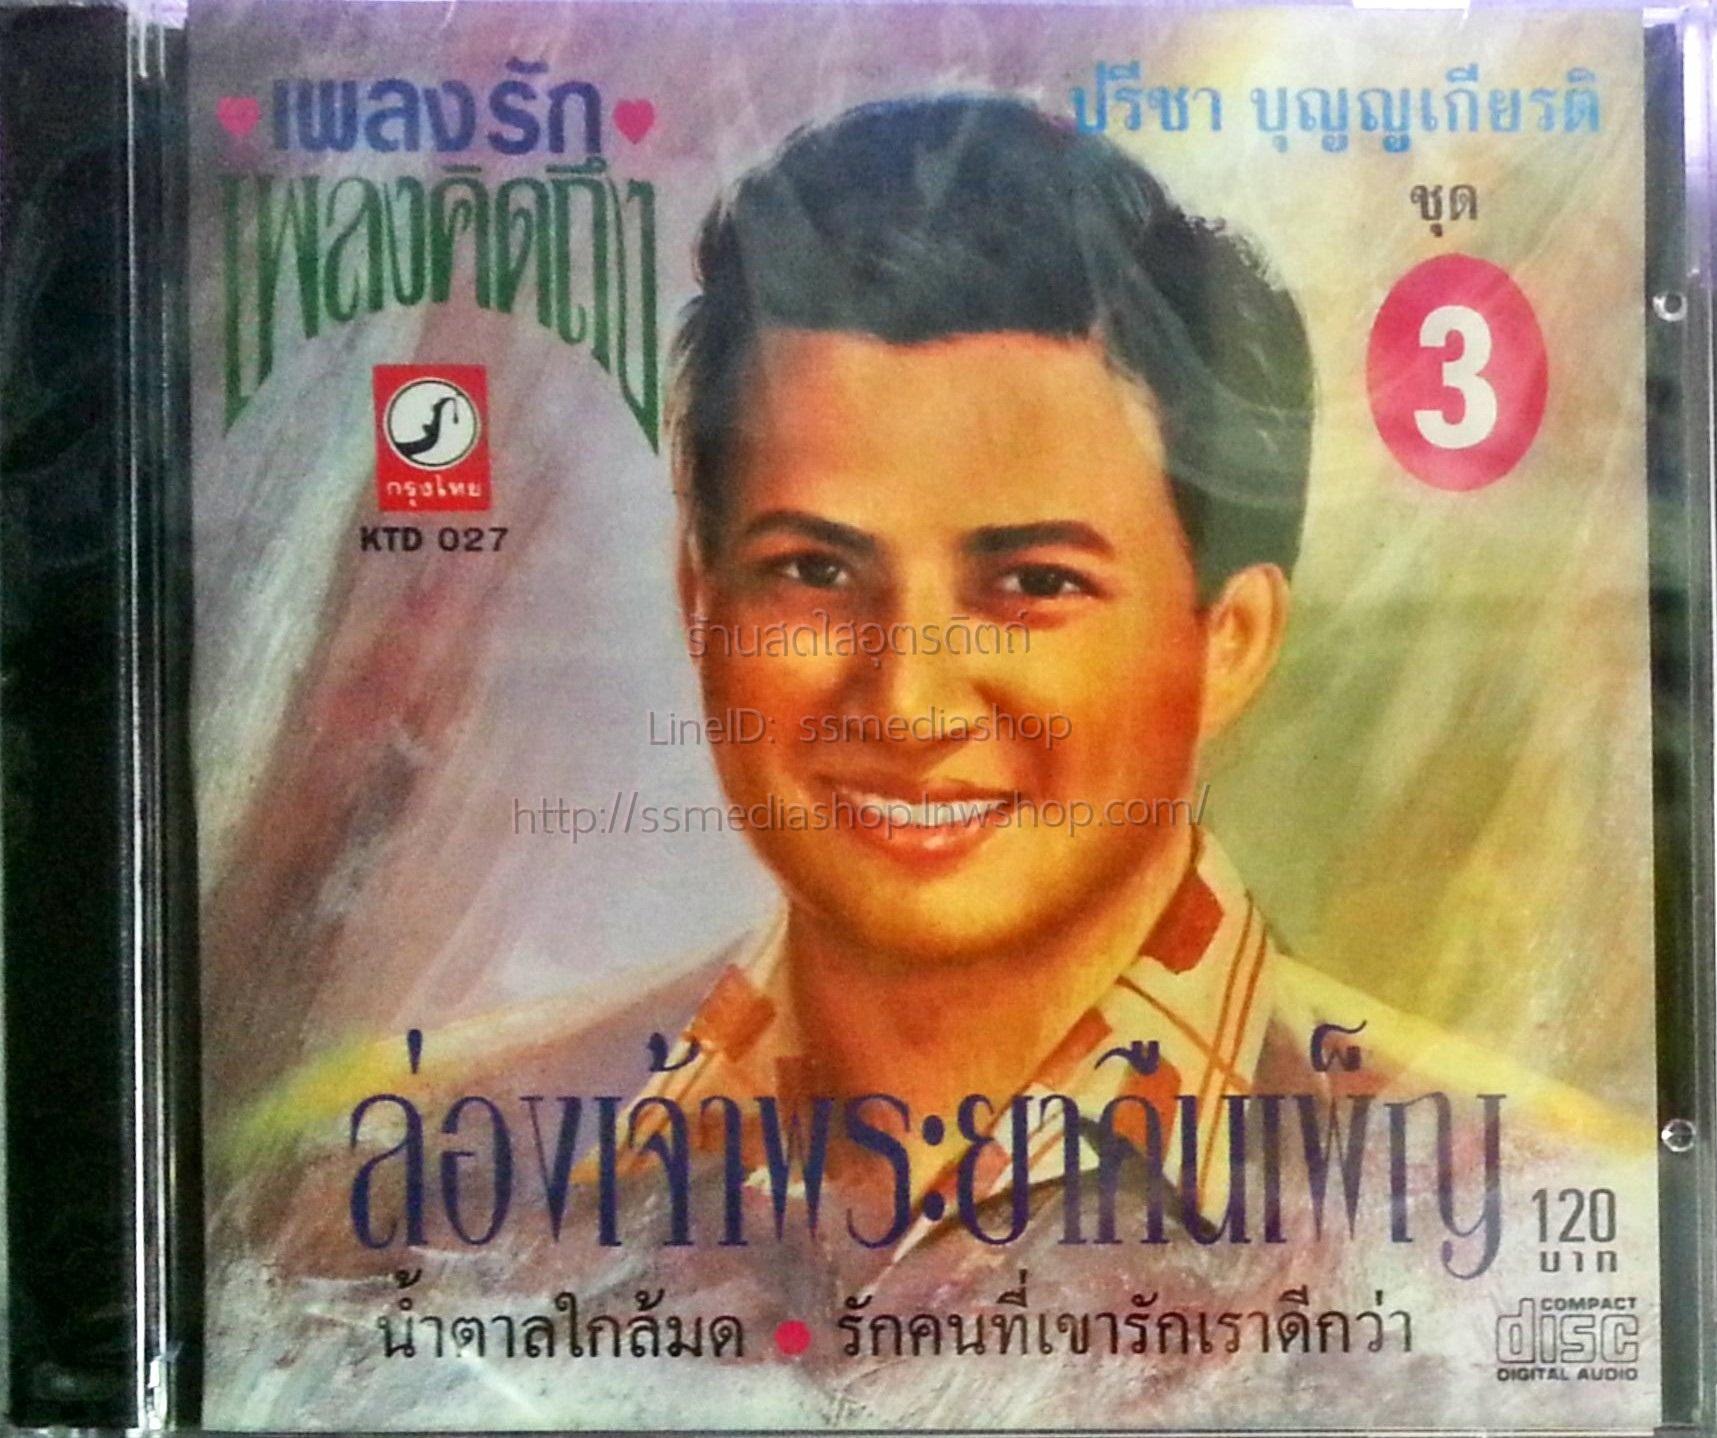 CD ปรีชา บุญญเกียรติ ชุด3 ล่องเจ้าพระยาคืนเพ็ญ